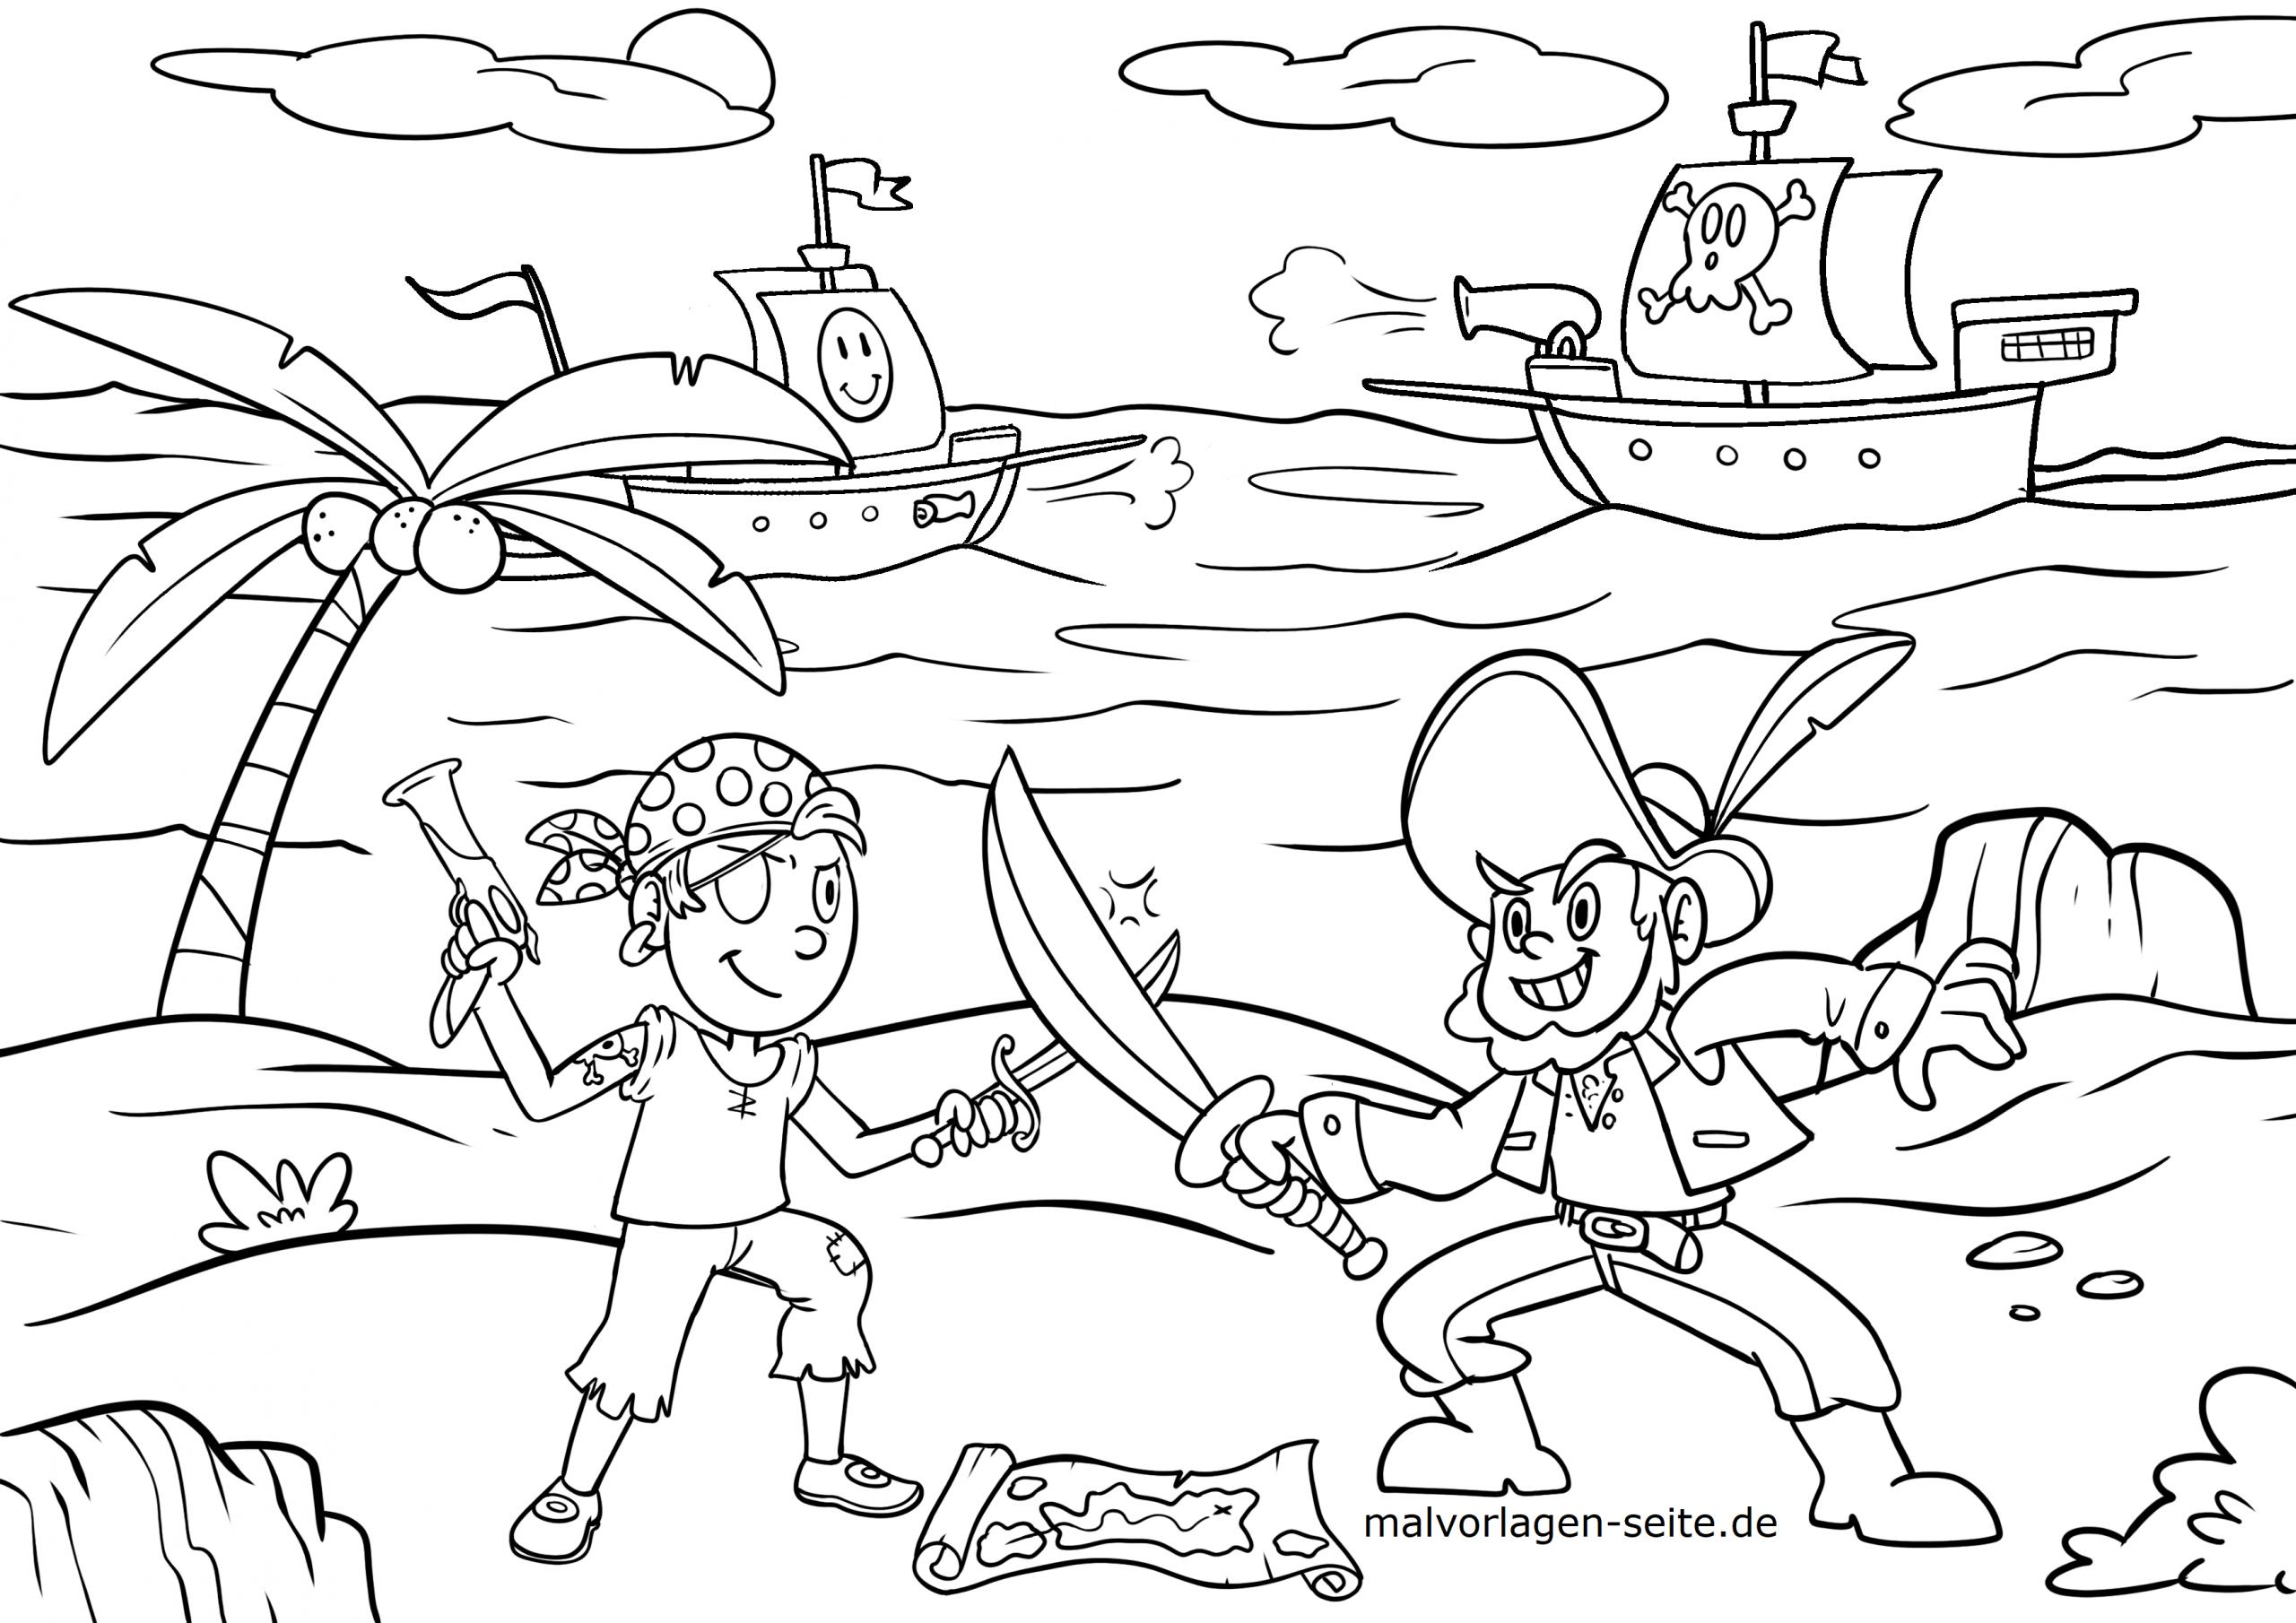 Malvorlage Piraten / Pirat - Ausmalbilder Kostenlos verwandt mit Schatzkarte Malvorlage